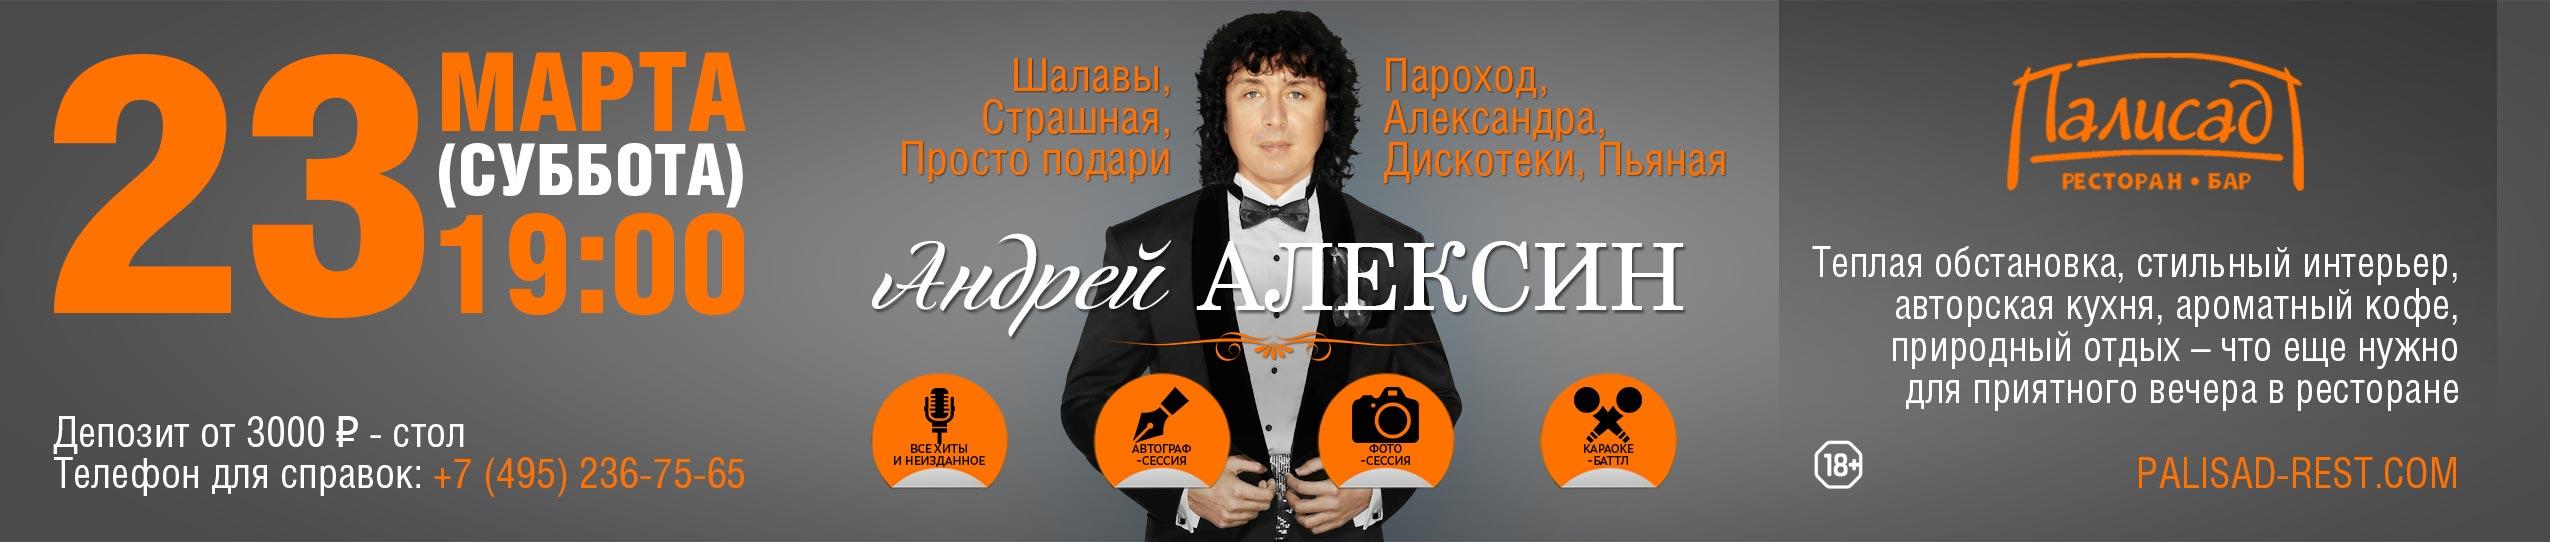 Андрей Алексин в Петрухино клуб